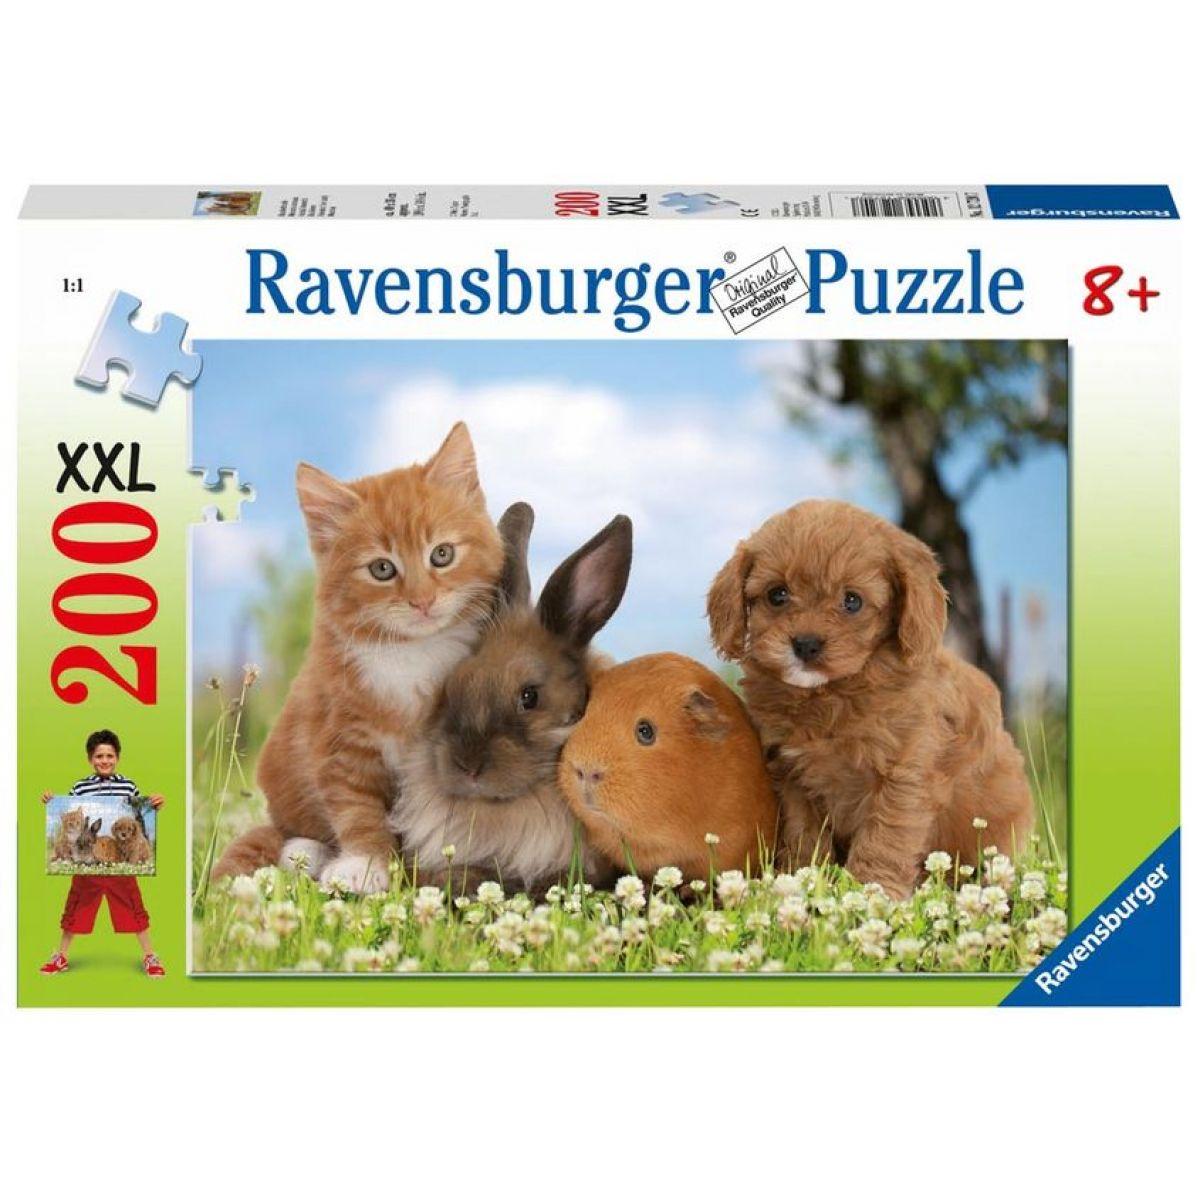 Ravensburger Přátelé 200 xxl dílků